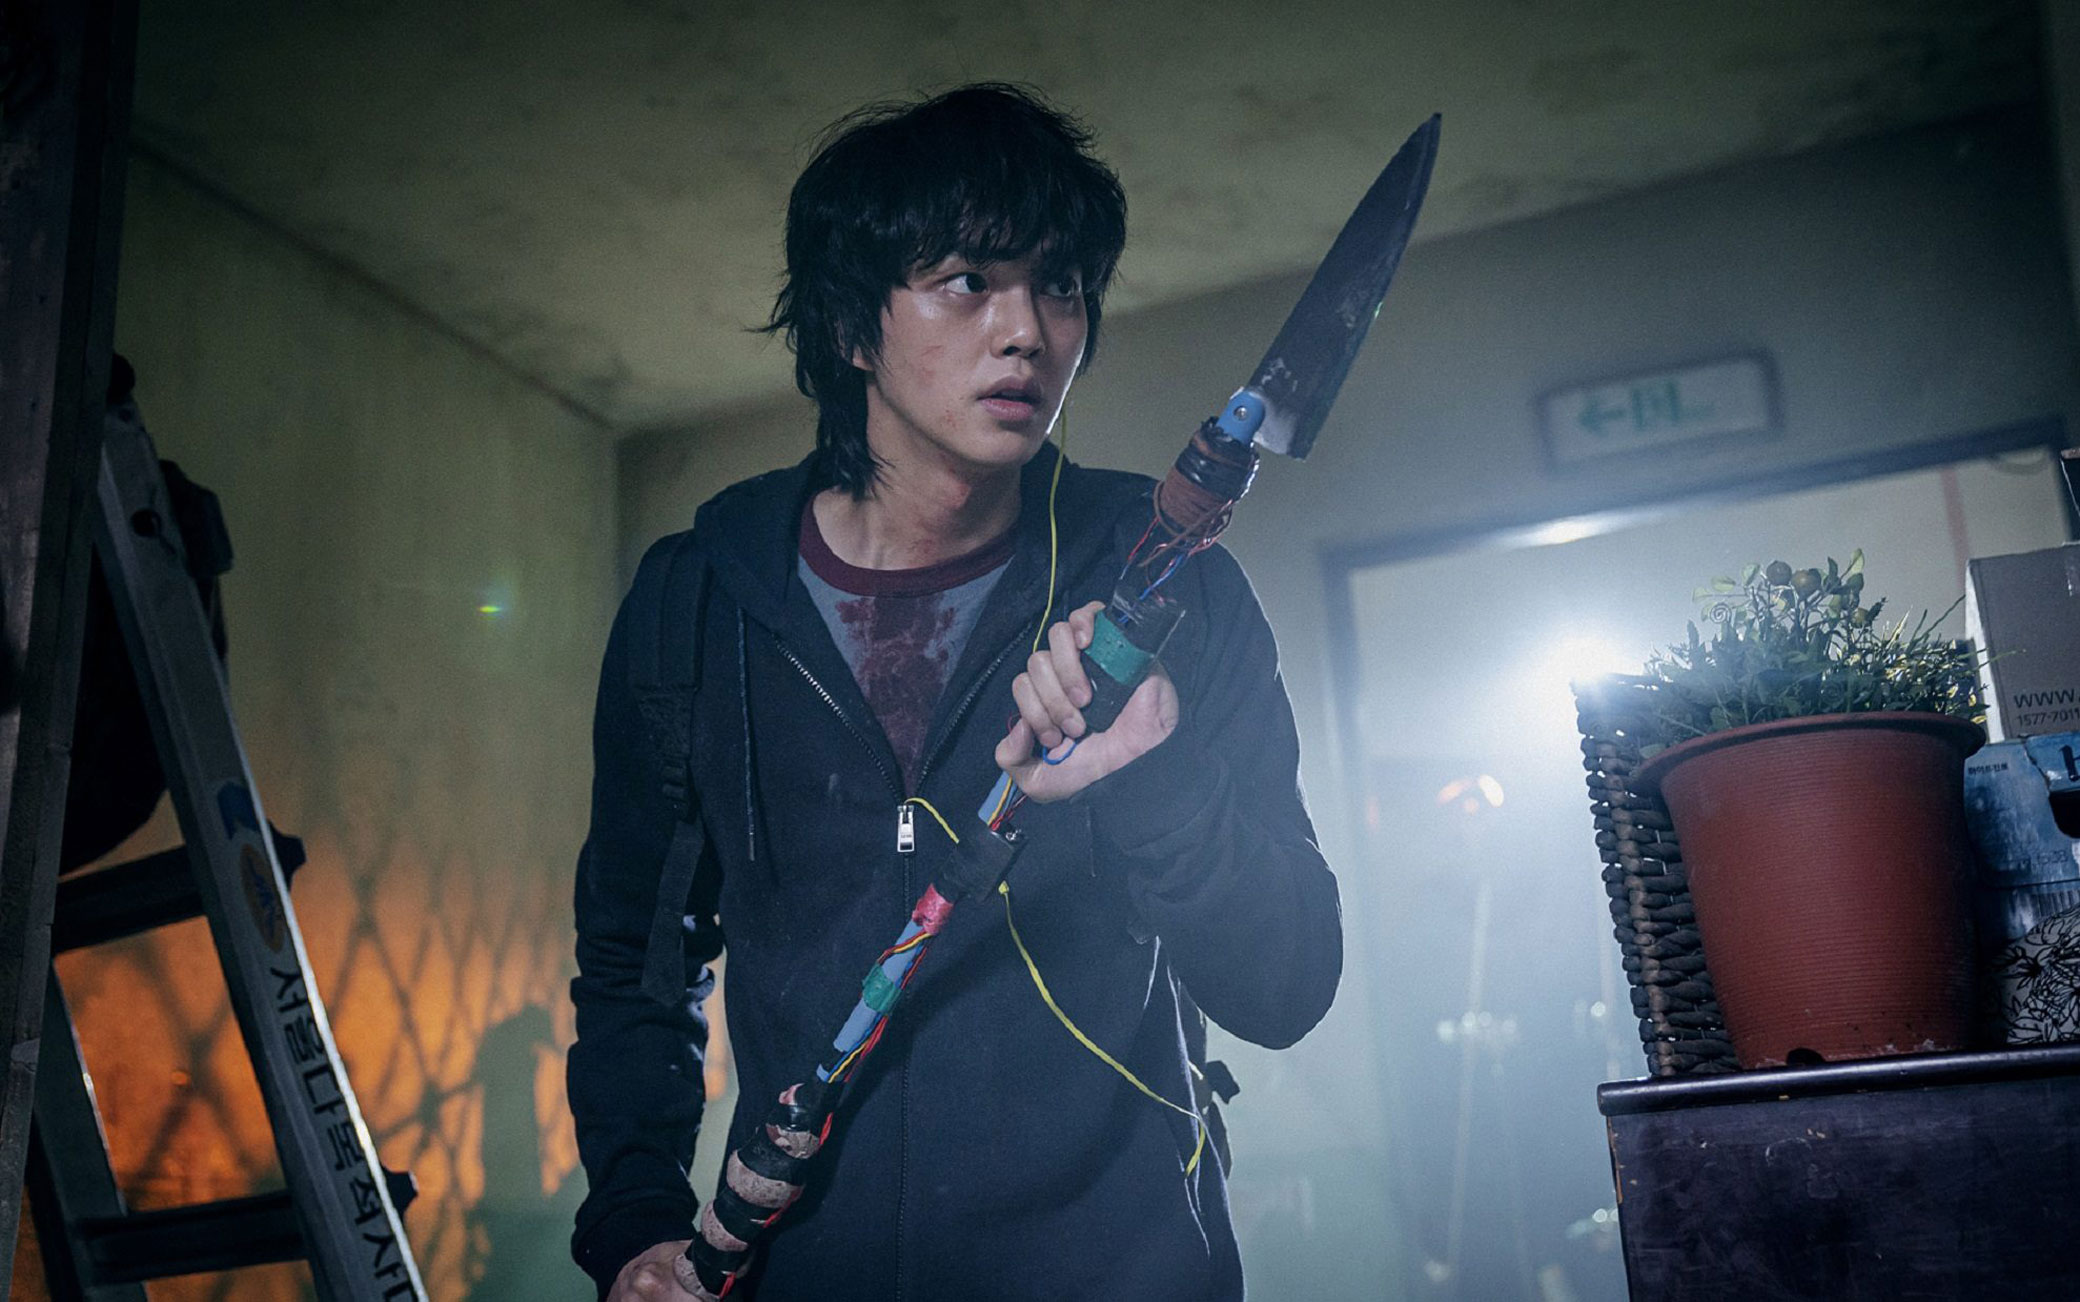 serie tv coreane come Squid Game